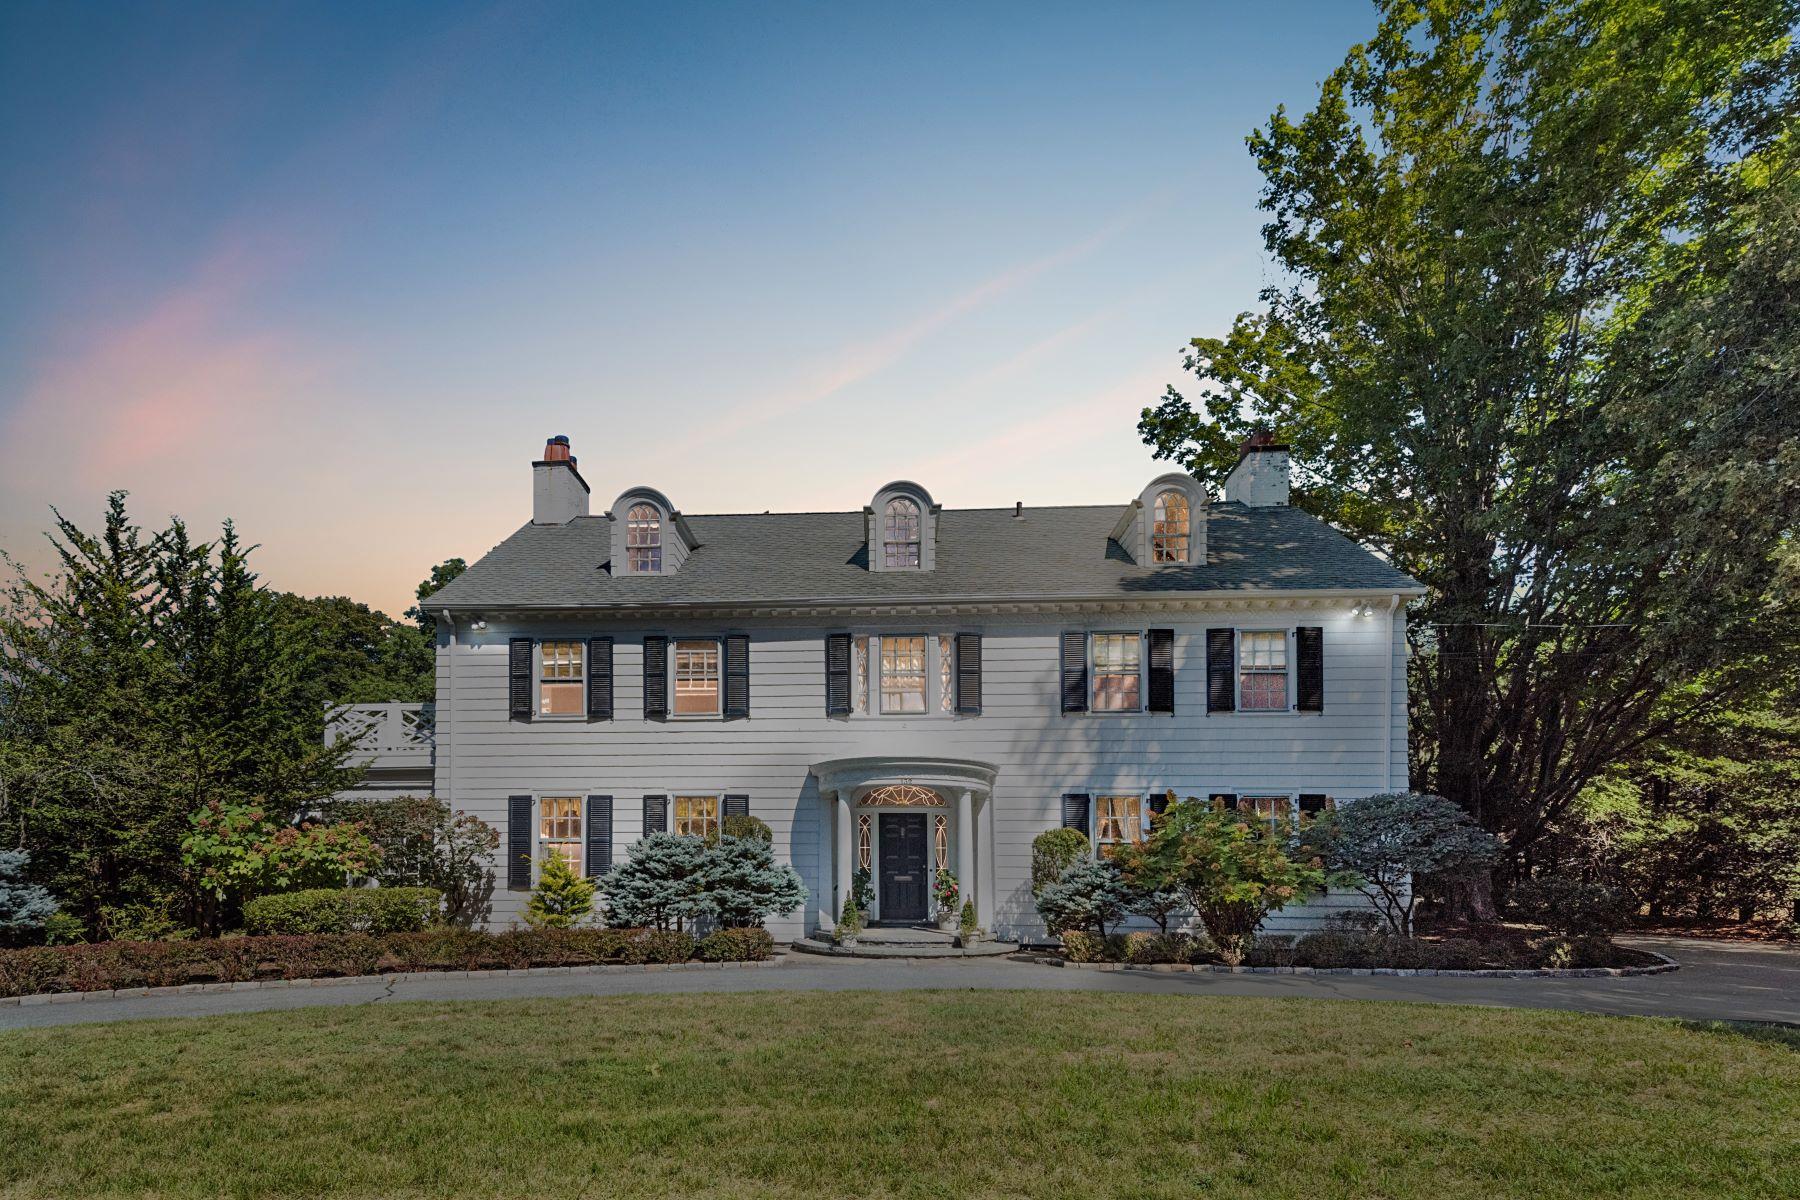 Μονοκατοικία για την Πώληση στο 132 Nayatt Rd, Barrington, RI Barrington, Ροουντ Αϊλαντ 02806 Ηνωμένες Πολιτείες